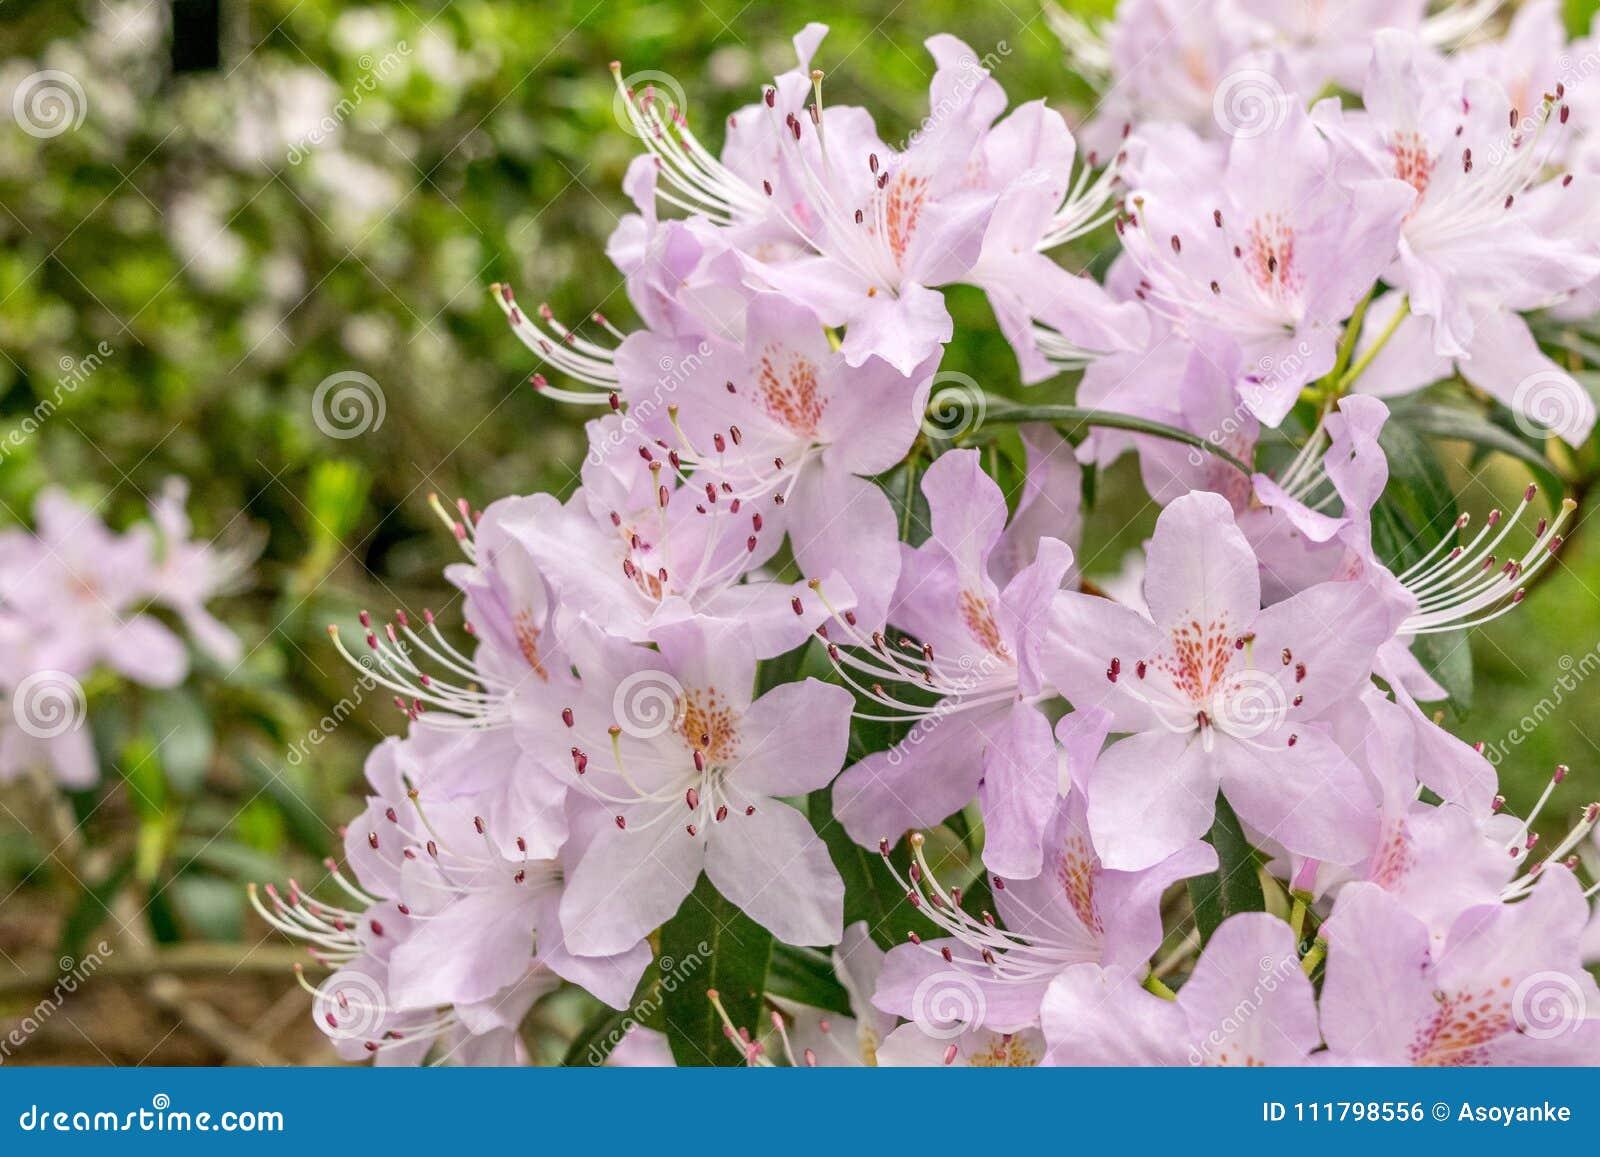 Immagine di bello bianco dei fiori, colpo ai giardini botanici reali, Kew